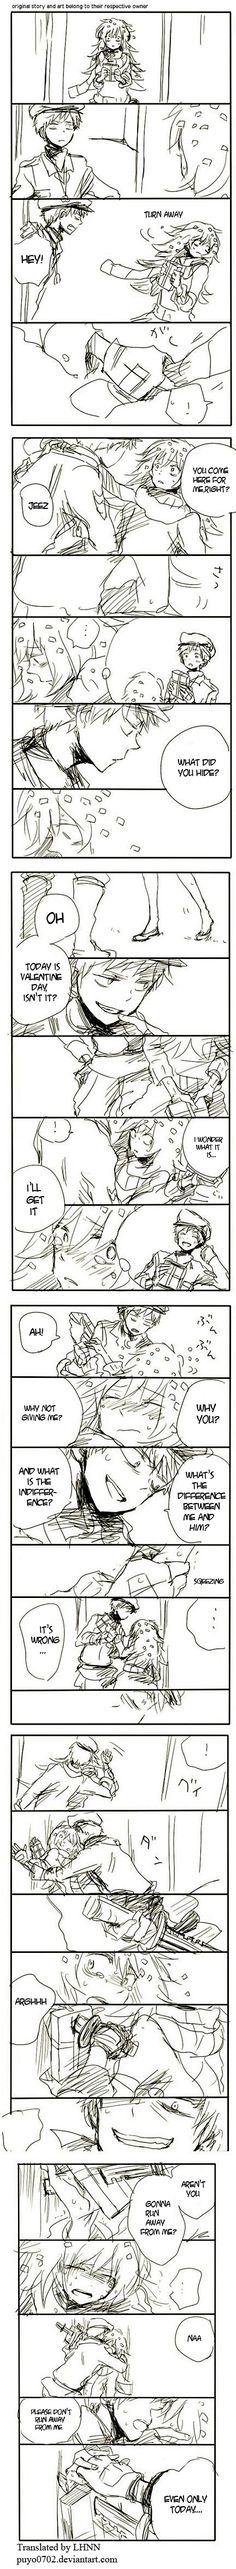 HTF doujinshi translation #5 by minglee7294 on DeviantArt